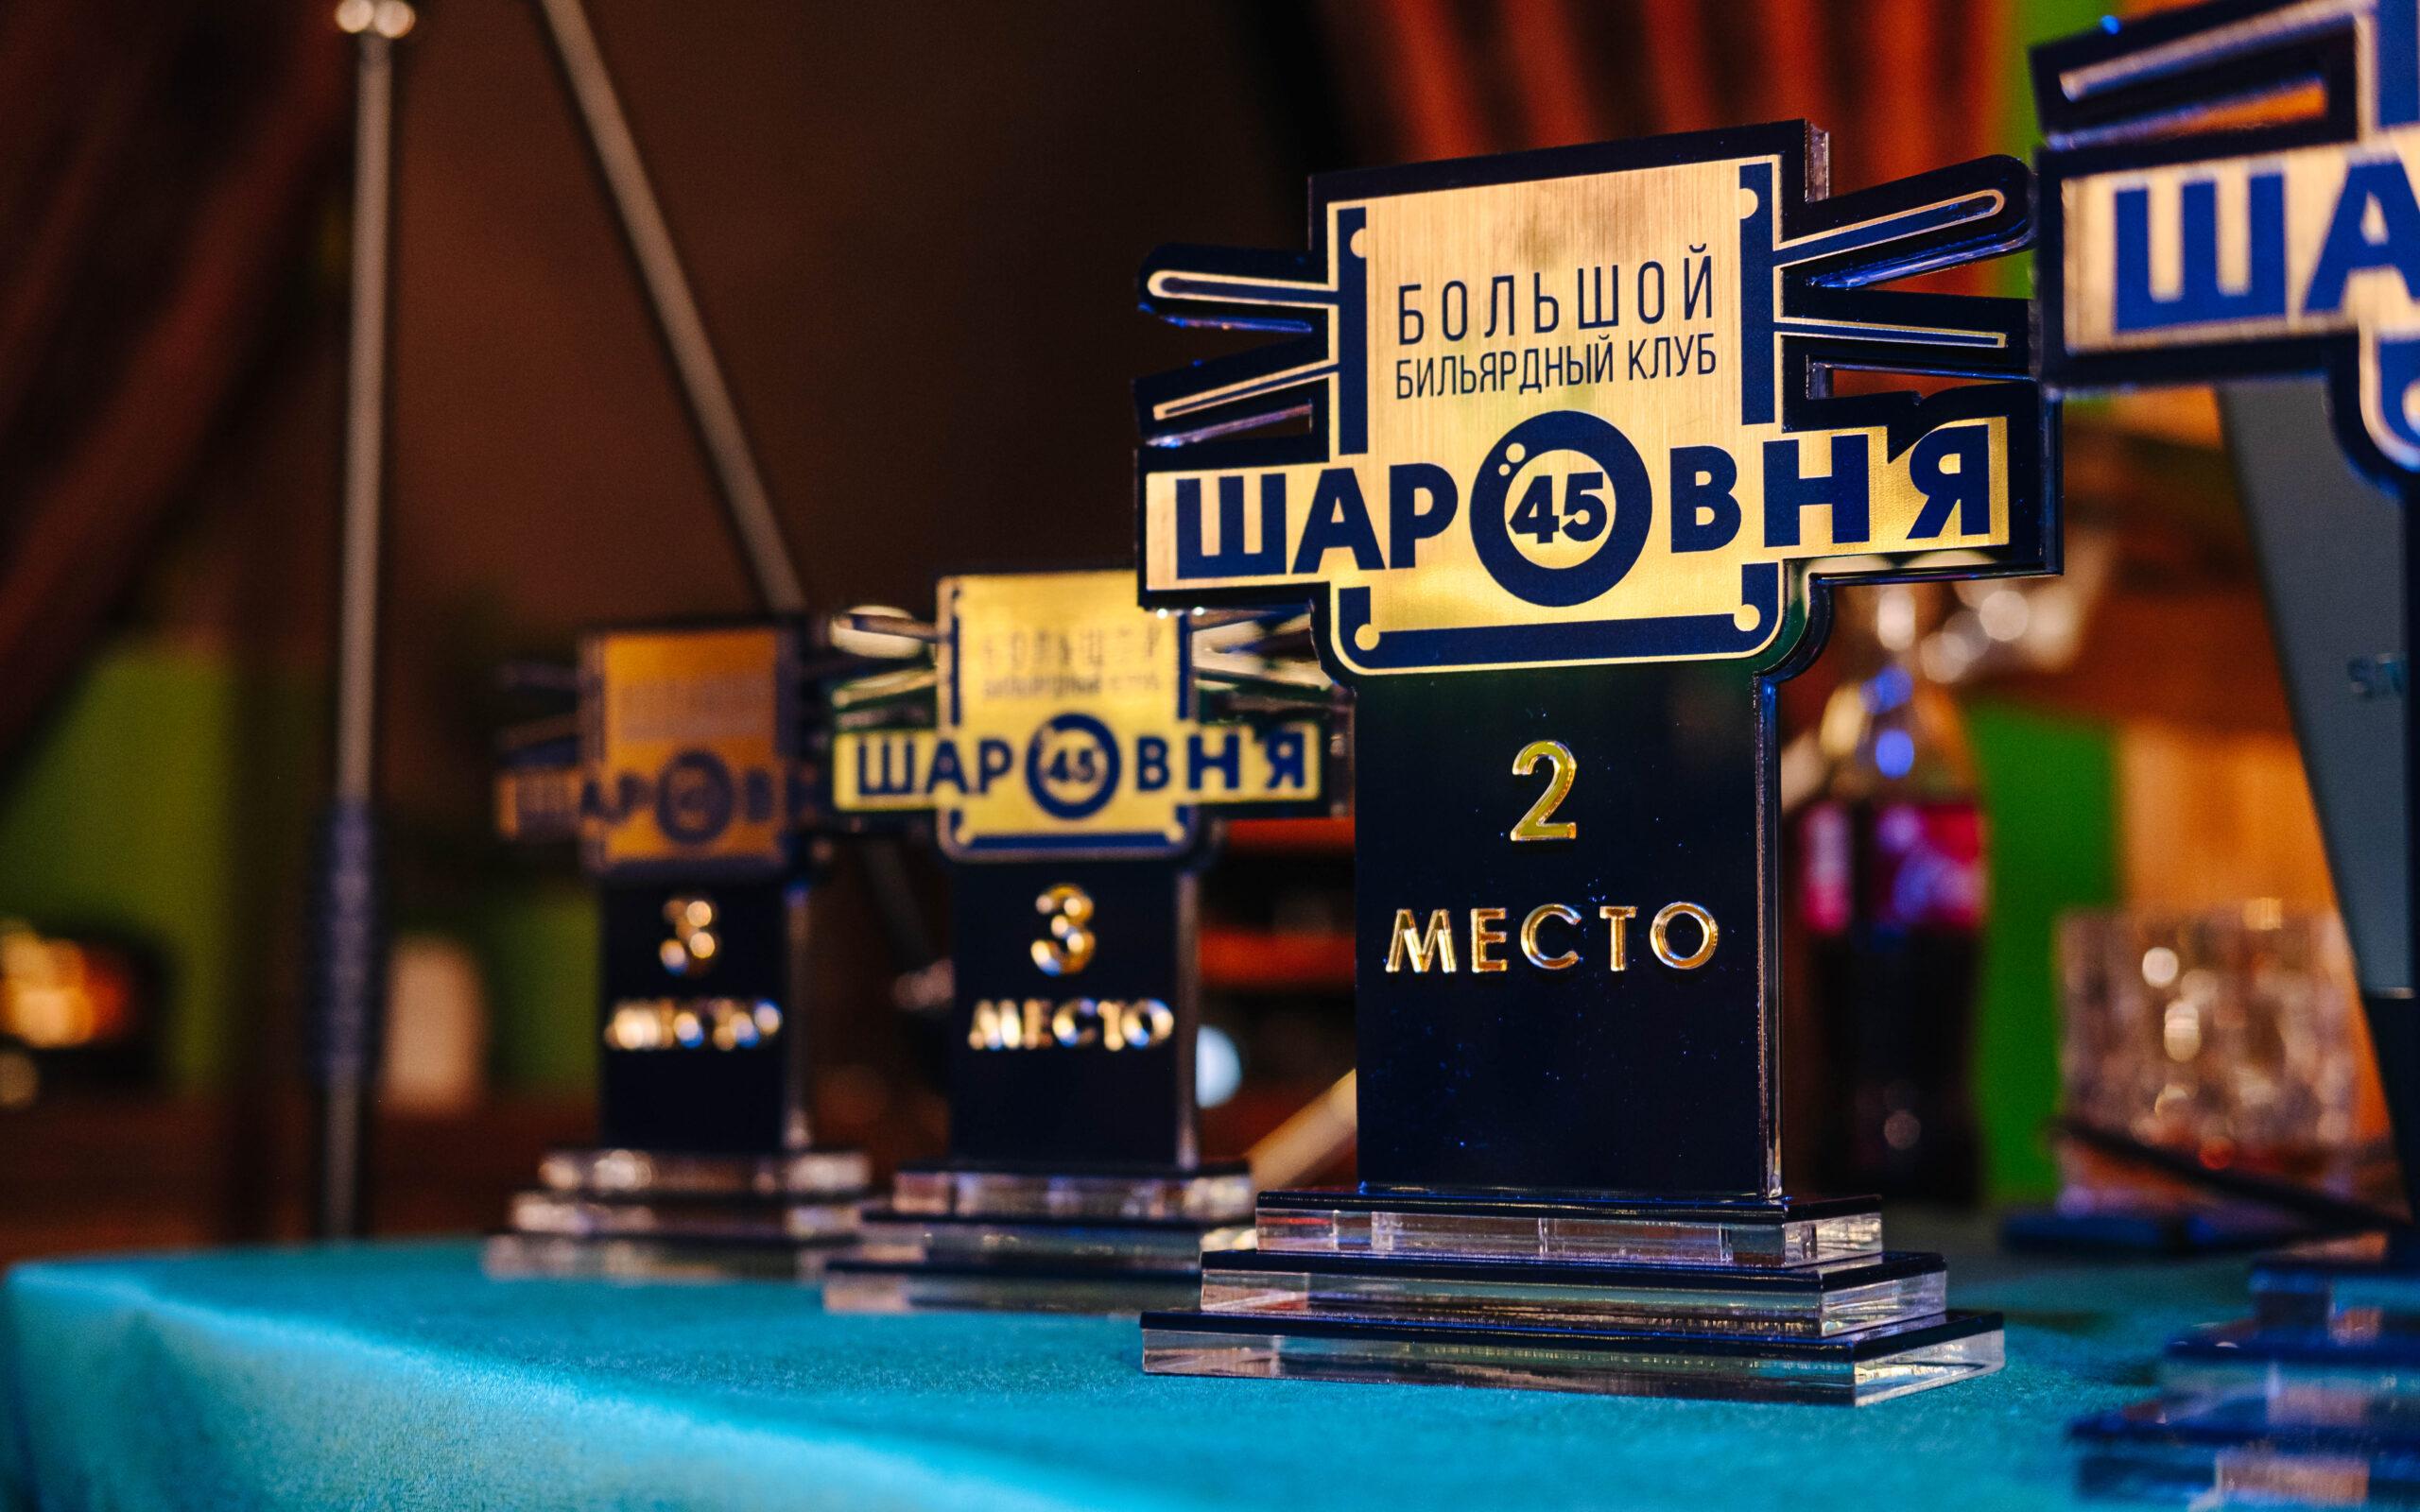 Открытый турнир Шаровня 45